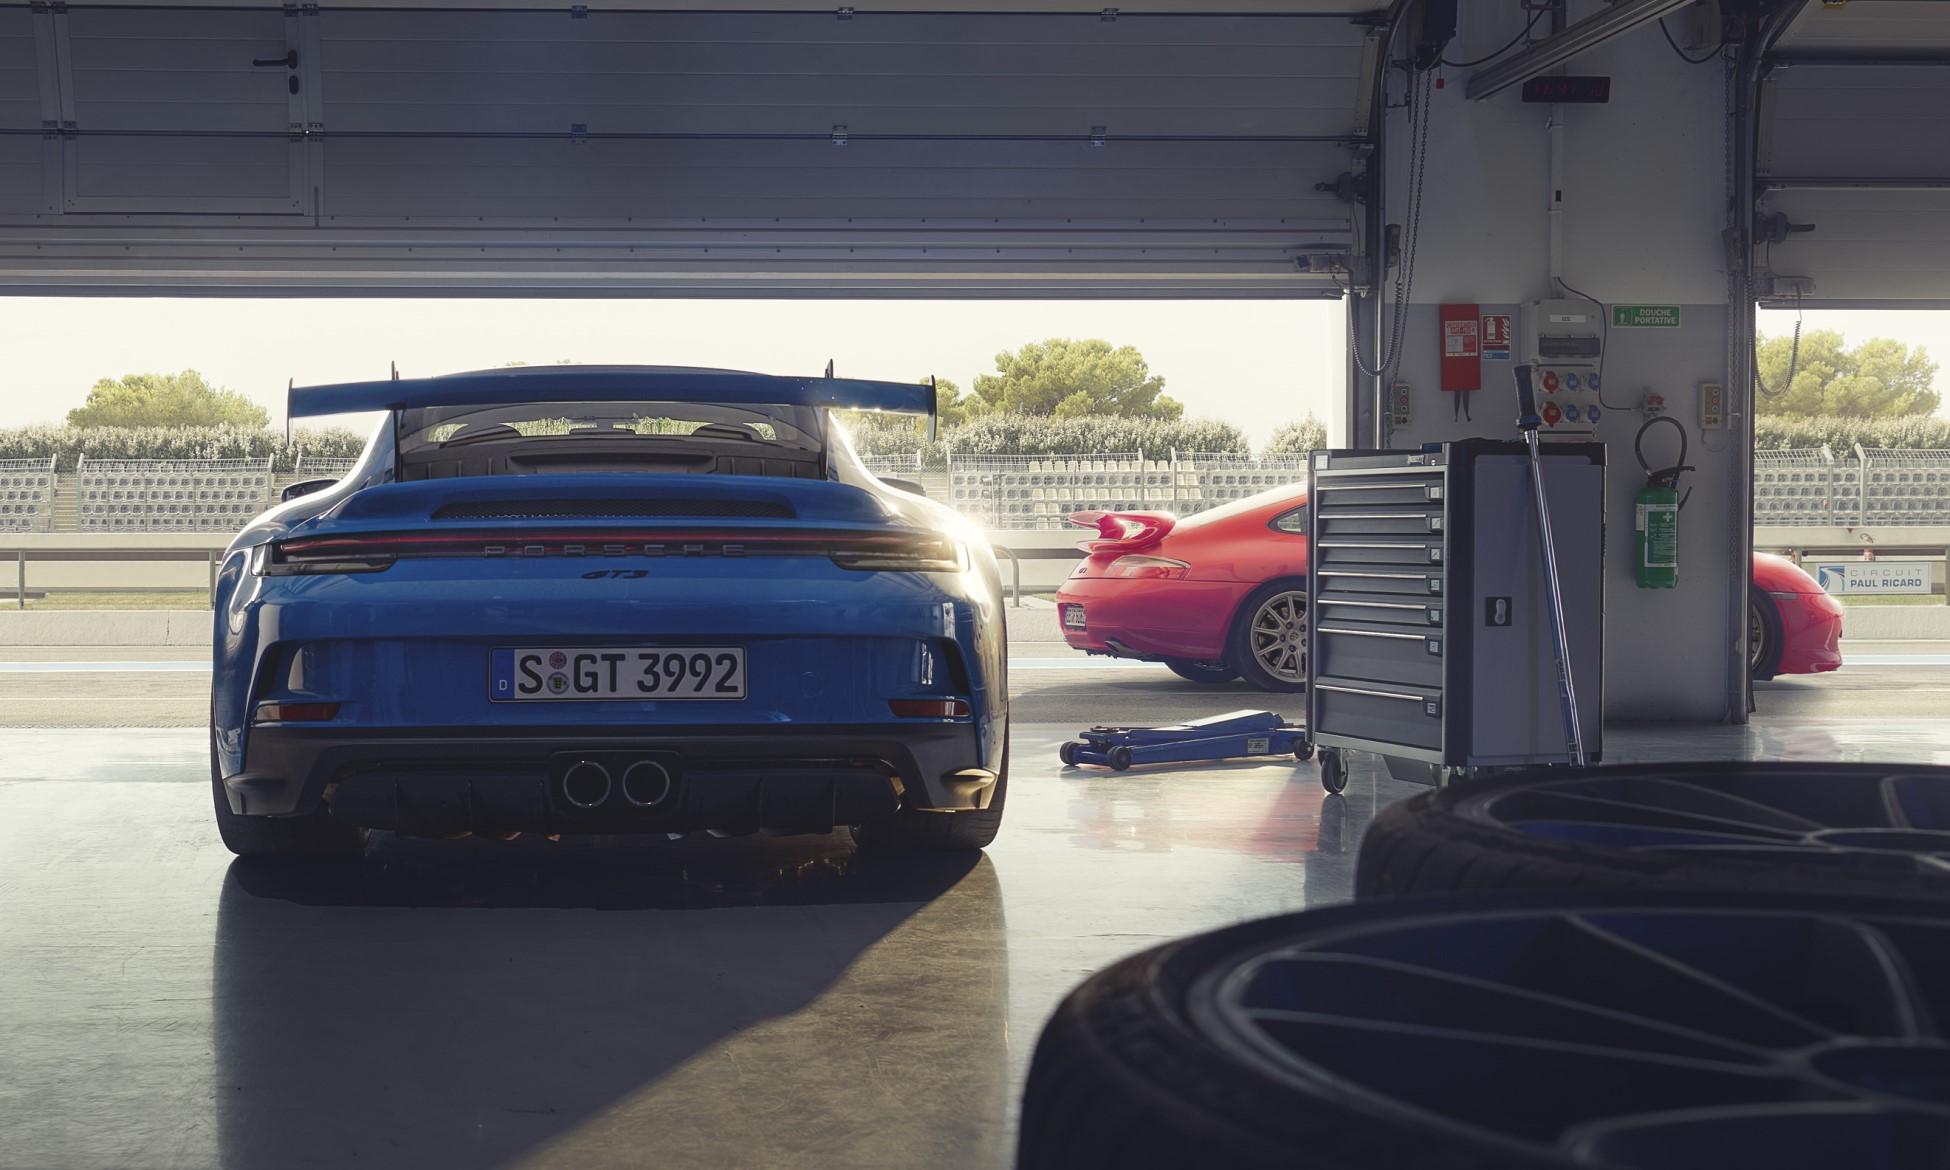 992 Porsche GT3 rear